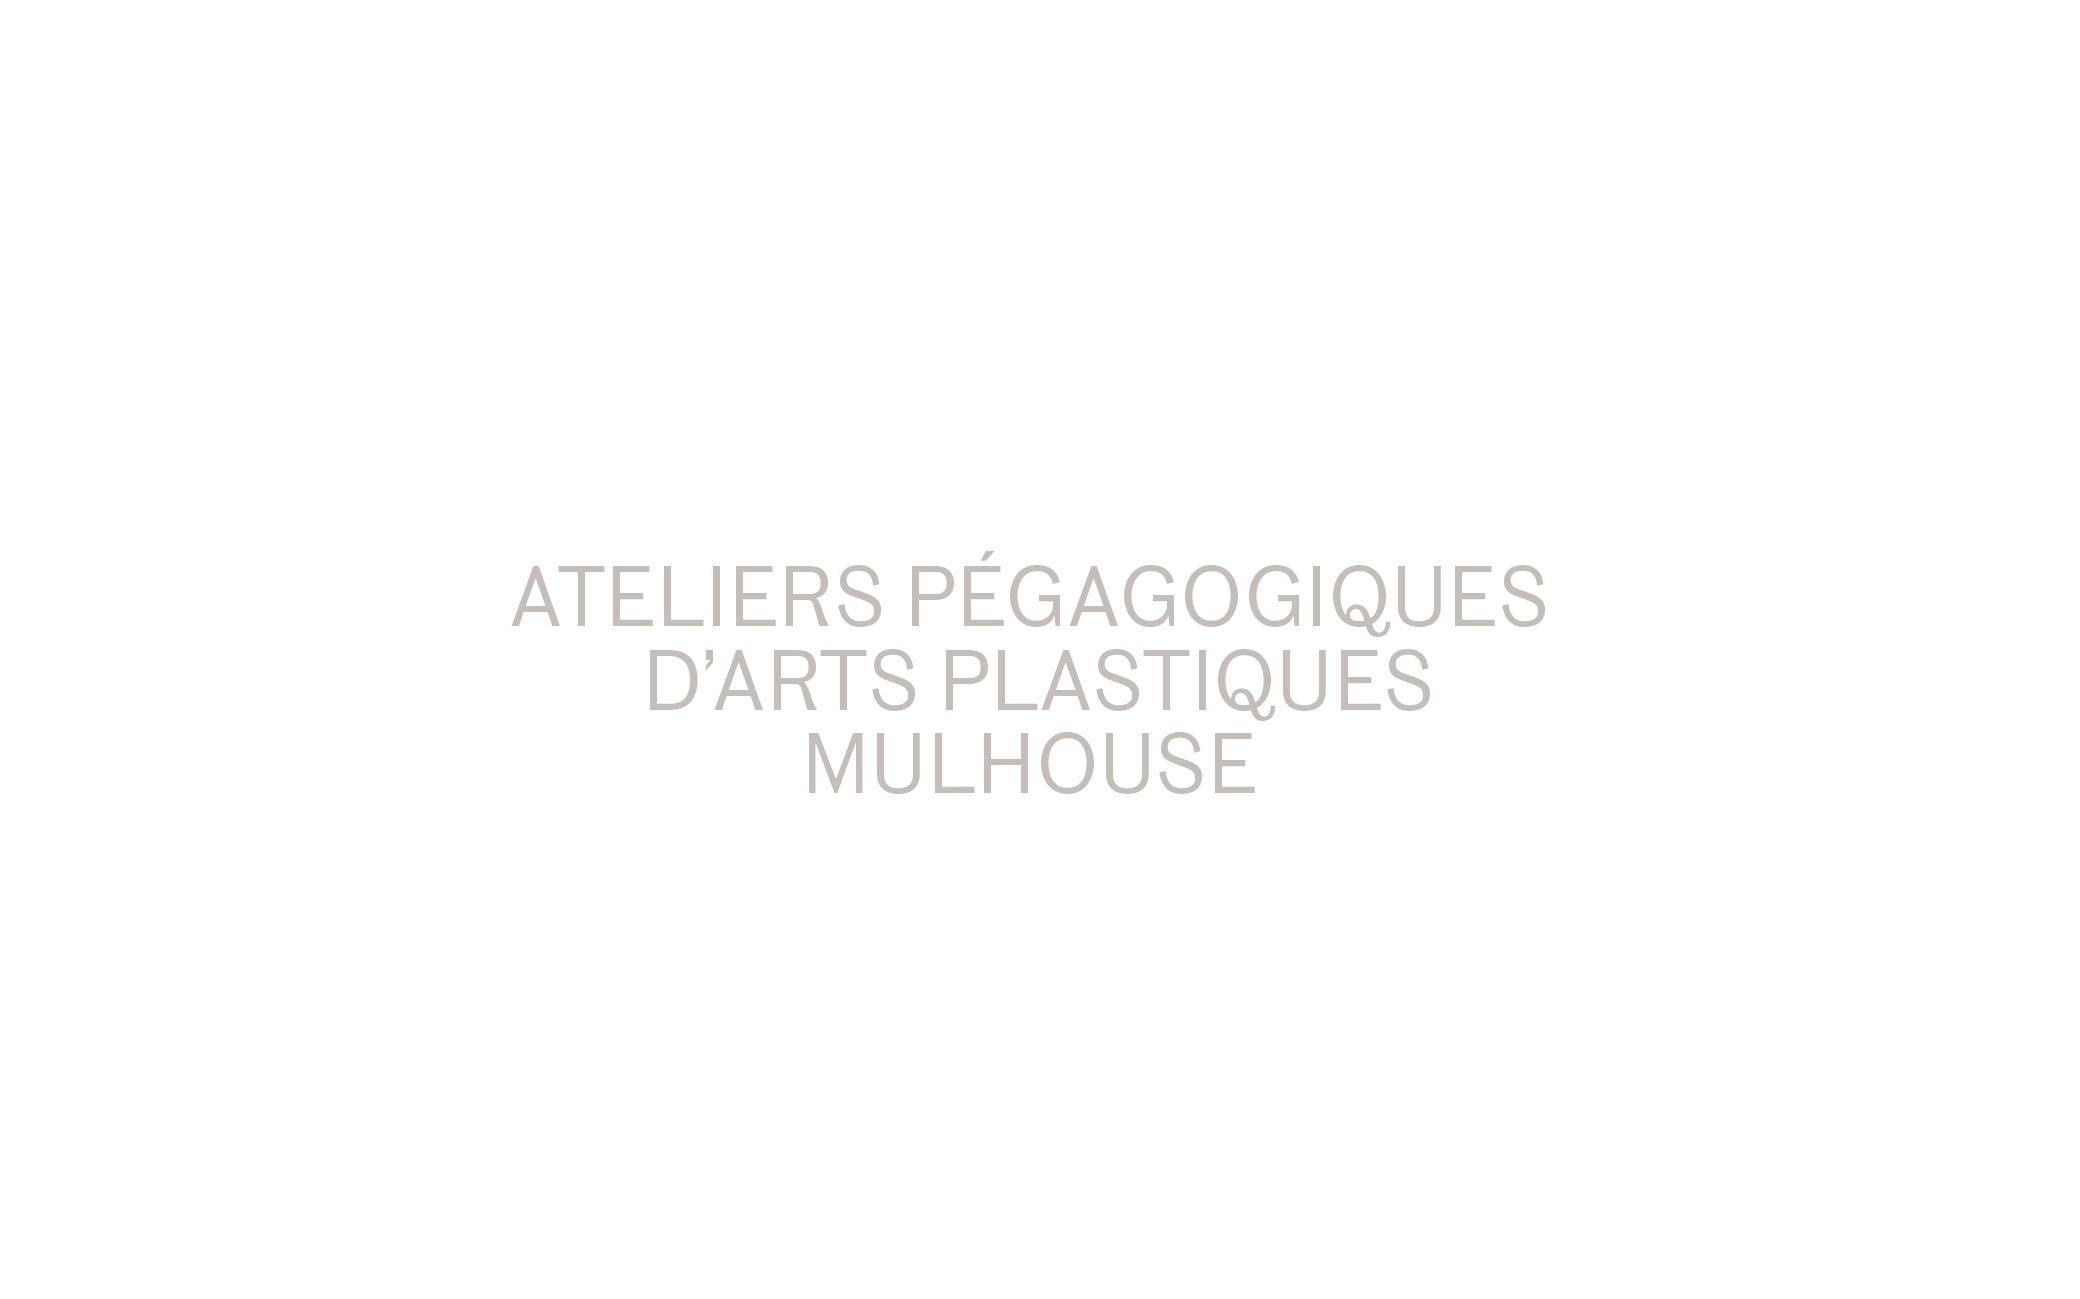 Interventions aux Ateliers pédagogiques d'arts plastiques, Ville de Mulhouse